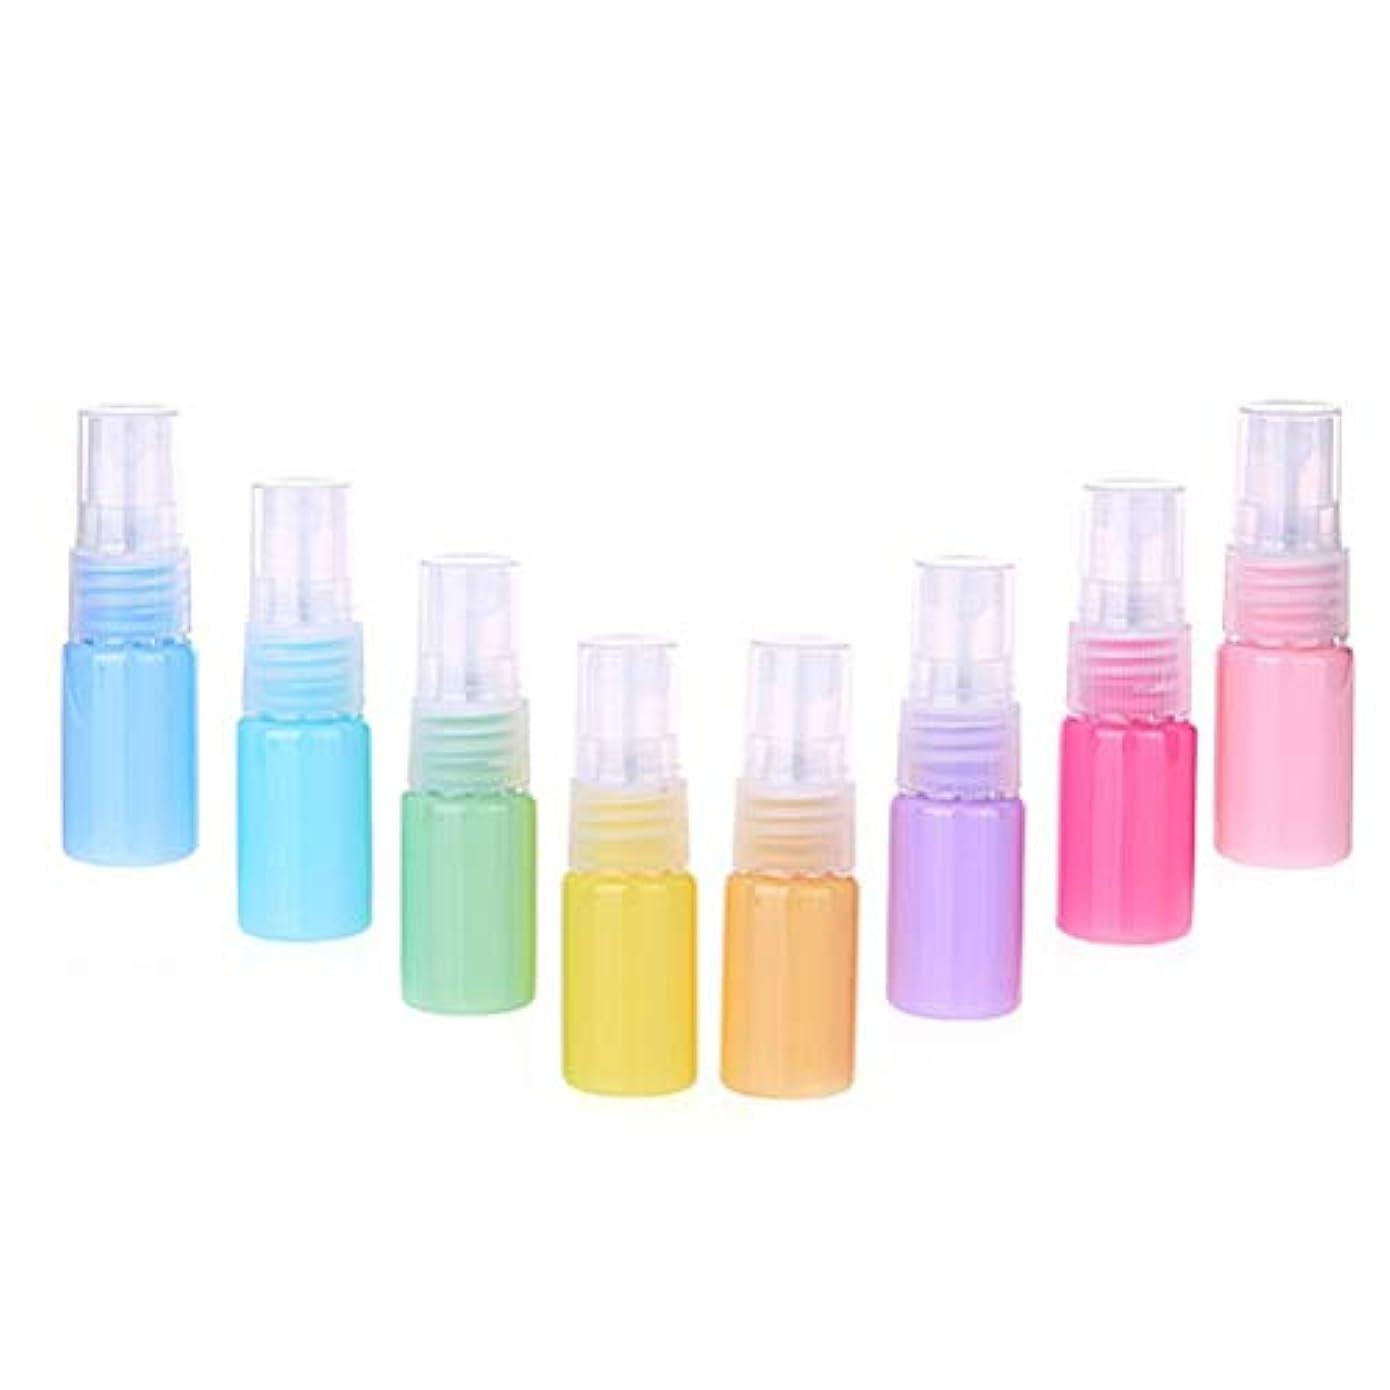 脇に委員長クロスFrcolor 8ピース 10ml スプレー空ボトル カラフルな 収納ボトル 耐久性 化粧水 旅行アクセサリー (混合色)